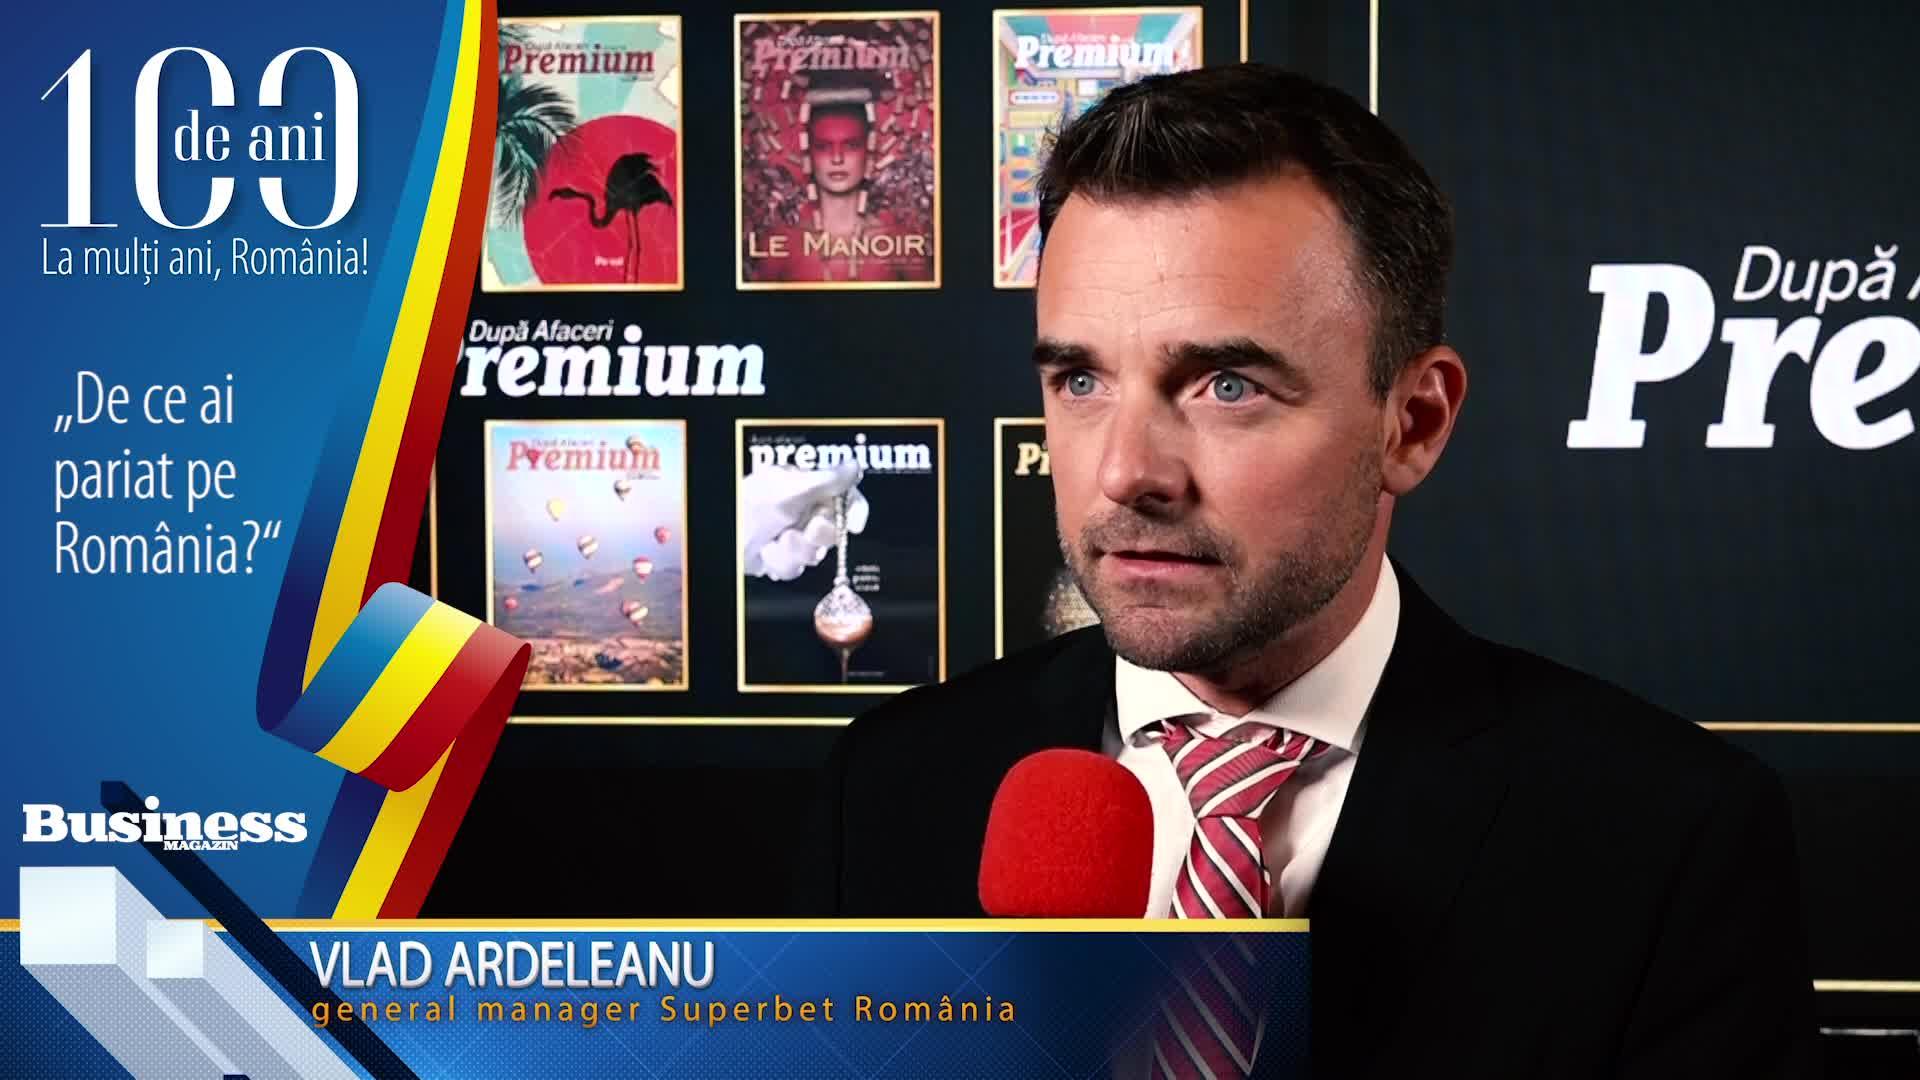 """Vlad Ardeleanu, general manager Superbet România: """"A face business în afara României este mai greu, trebuie să îţi schimbi personalitatea ta ca să te pliezi pe culturile respective!"""" - VIDE"""